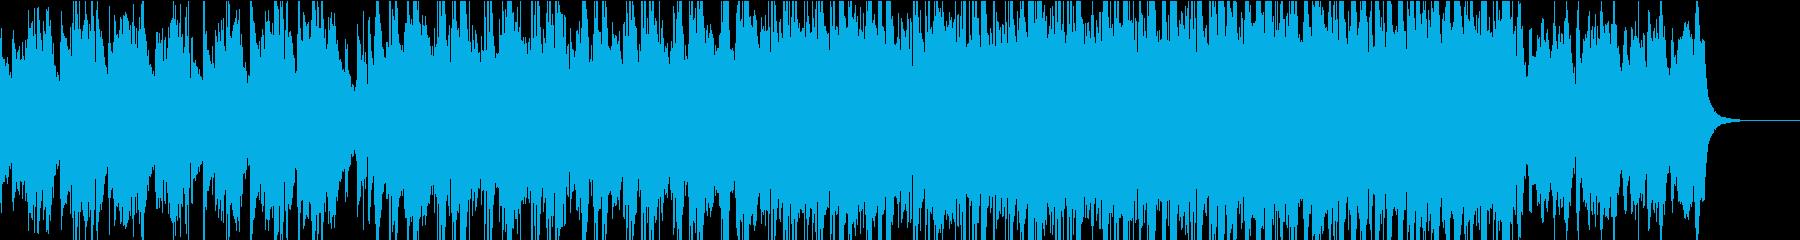 ストレートで爽やかなBGMの再生済みの波形